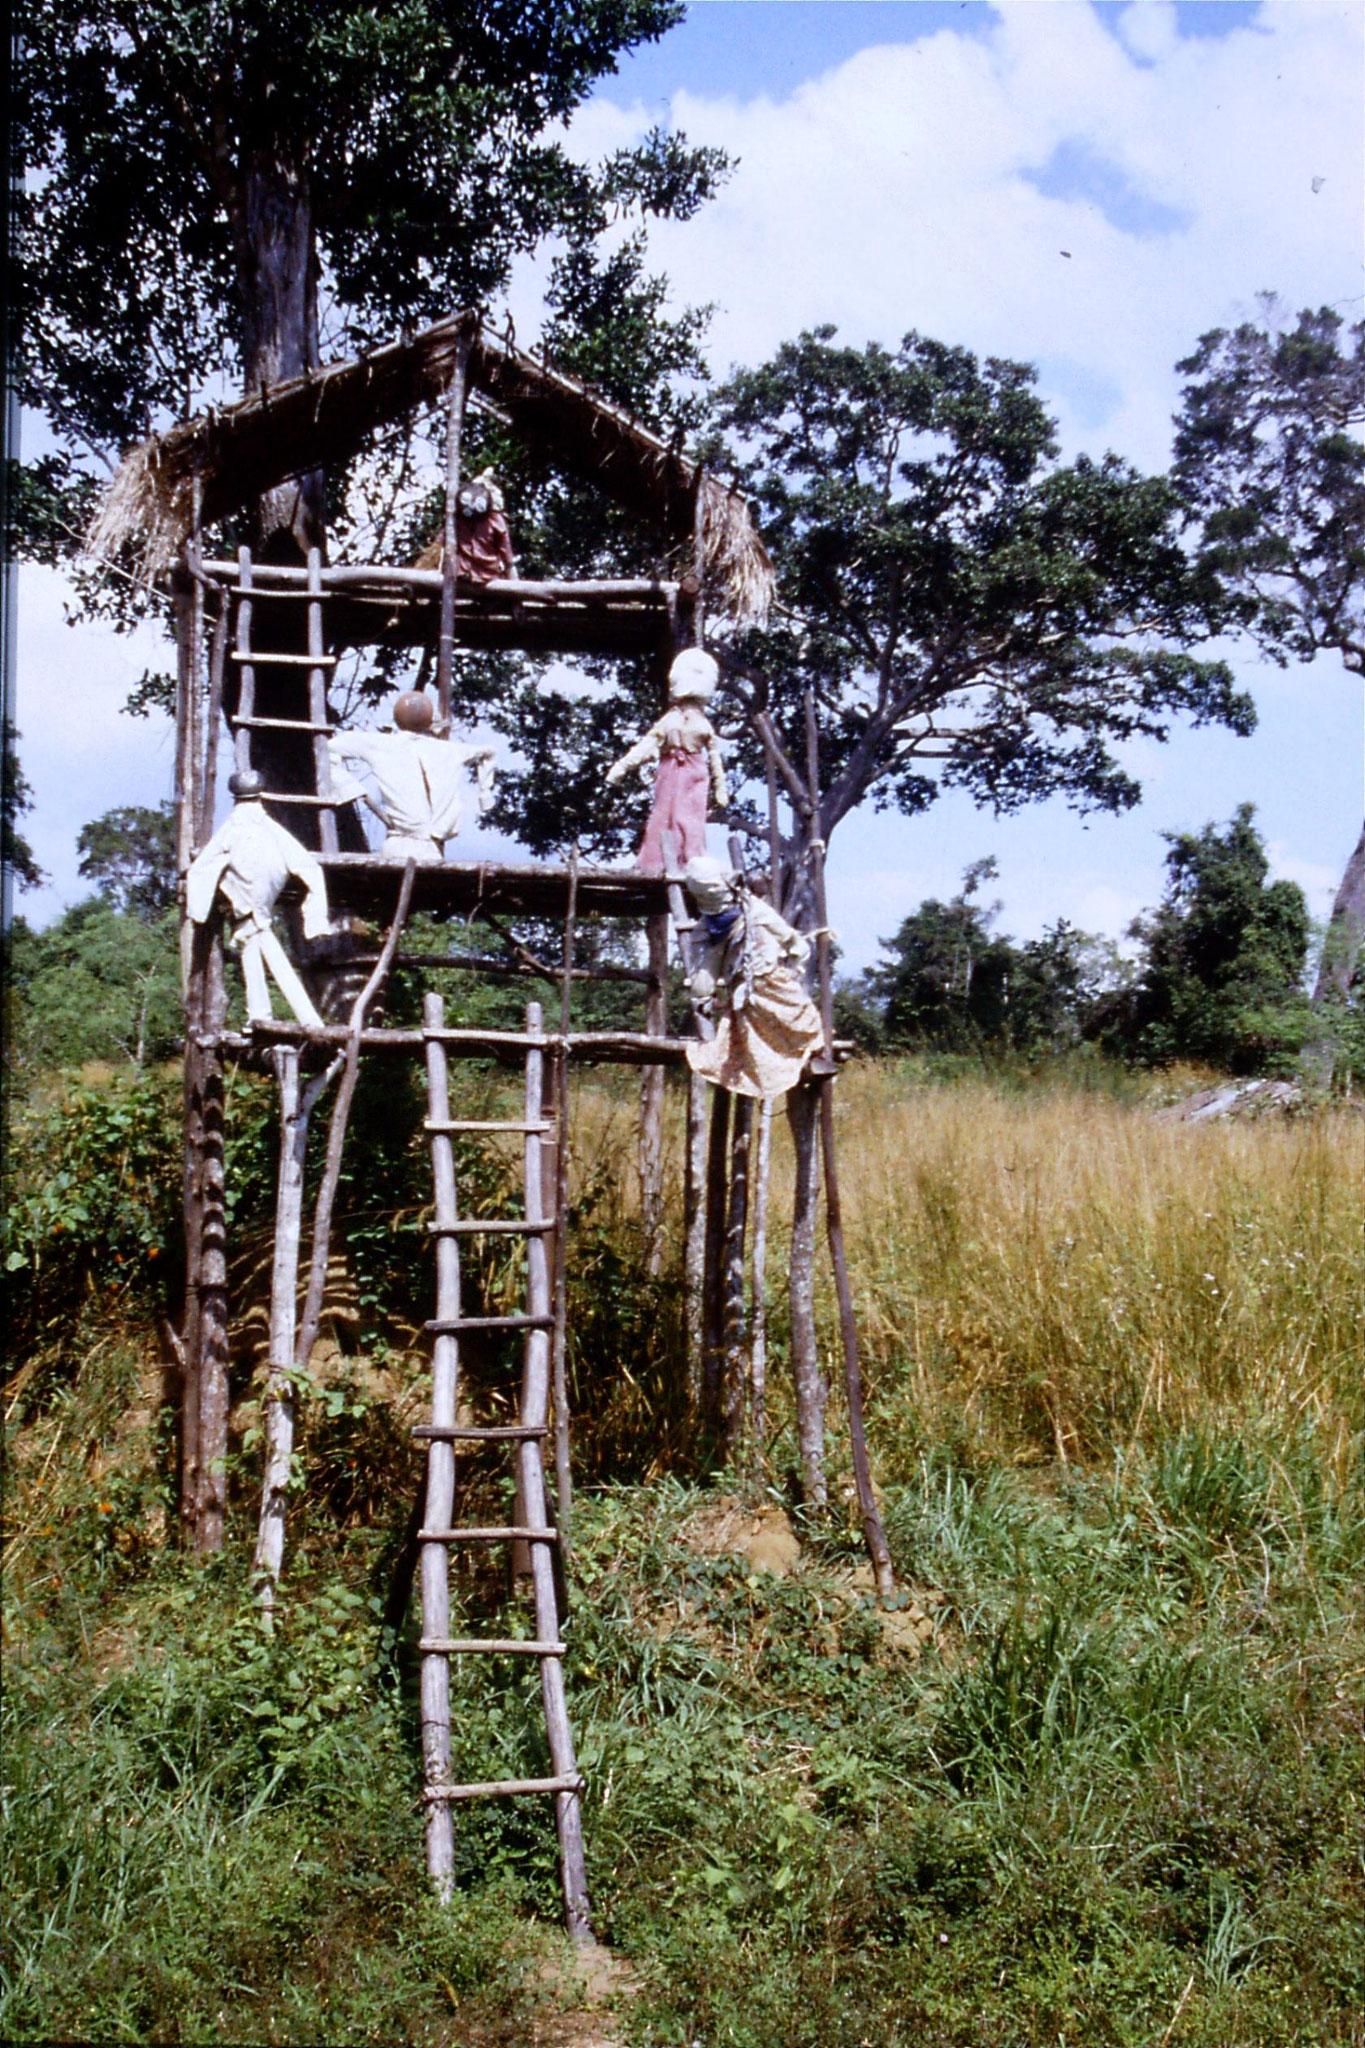 102/37: 8/2/1990 Elephant scarecrow